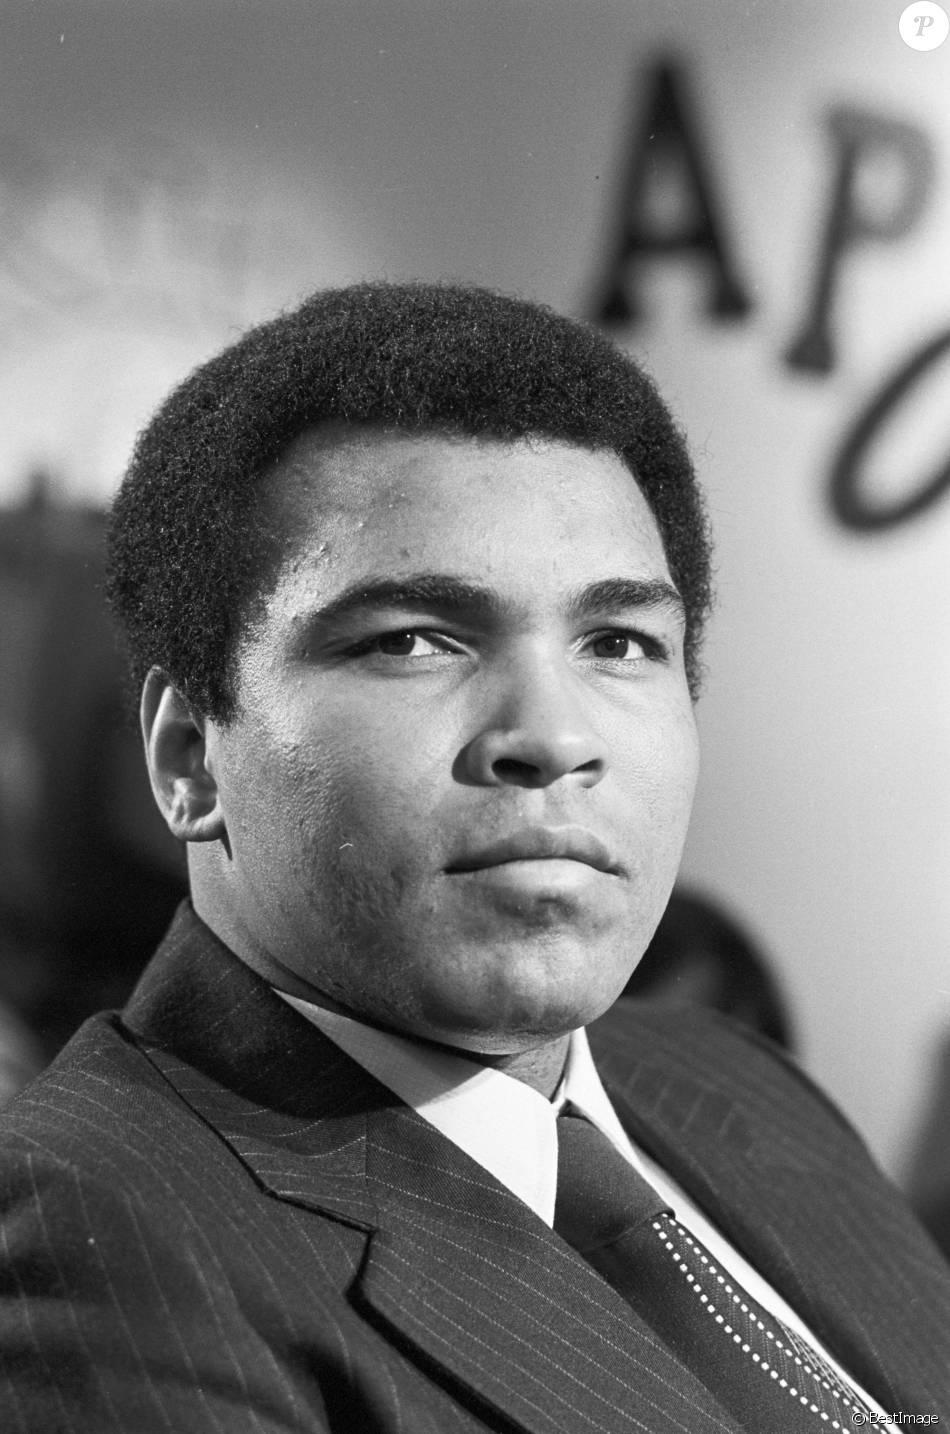 En France, à Paris, Mohamed Ali sur le plateau de l'émission Apostrophes le 8 mars 1976.